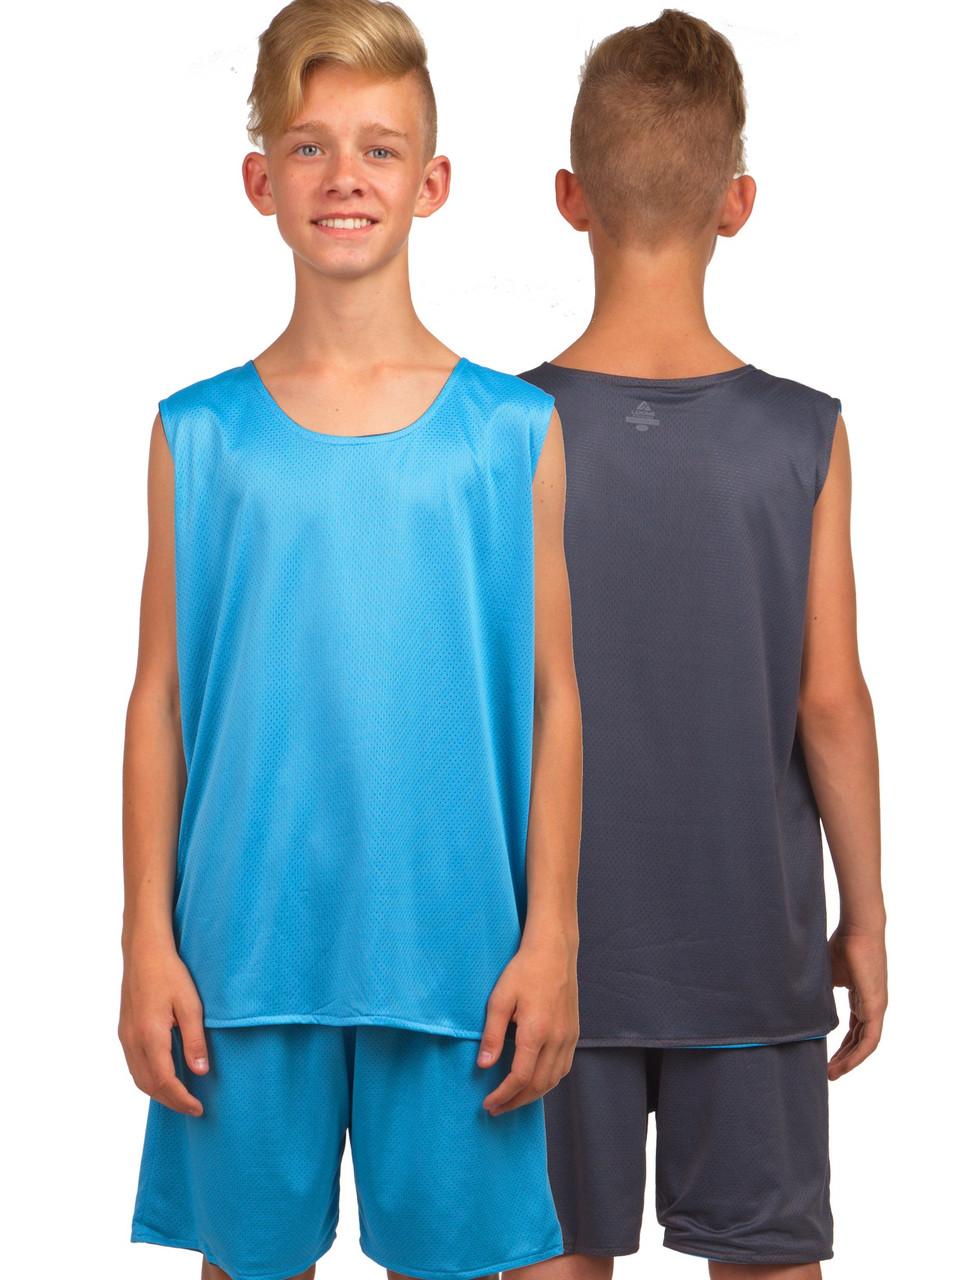 Форма баскетбольная детская-подростковая BasketBall Uniform серо-голубой (LD-8300T)